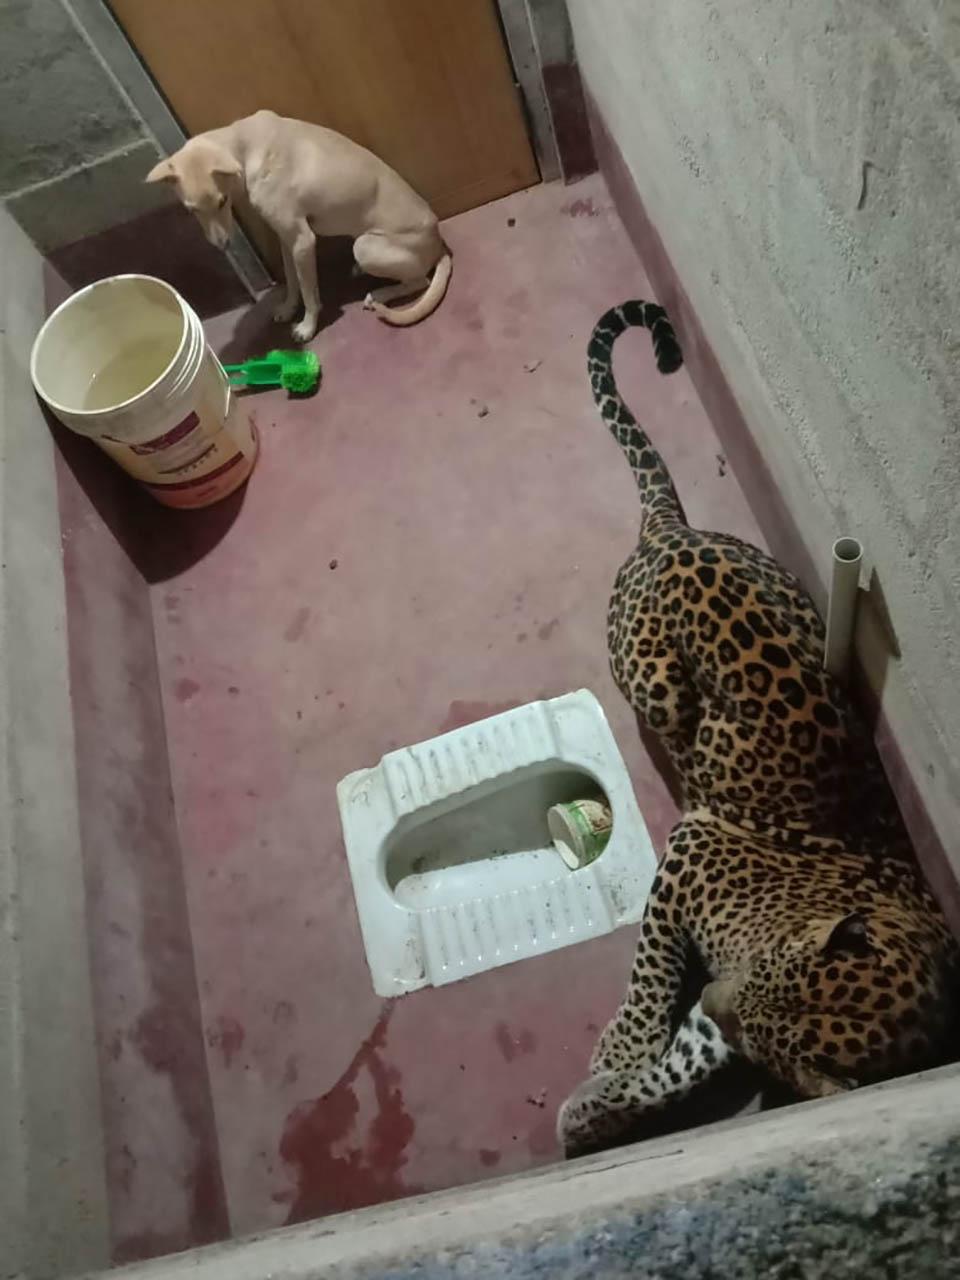 Perro y leopardo quedan atrapados en el baño